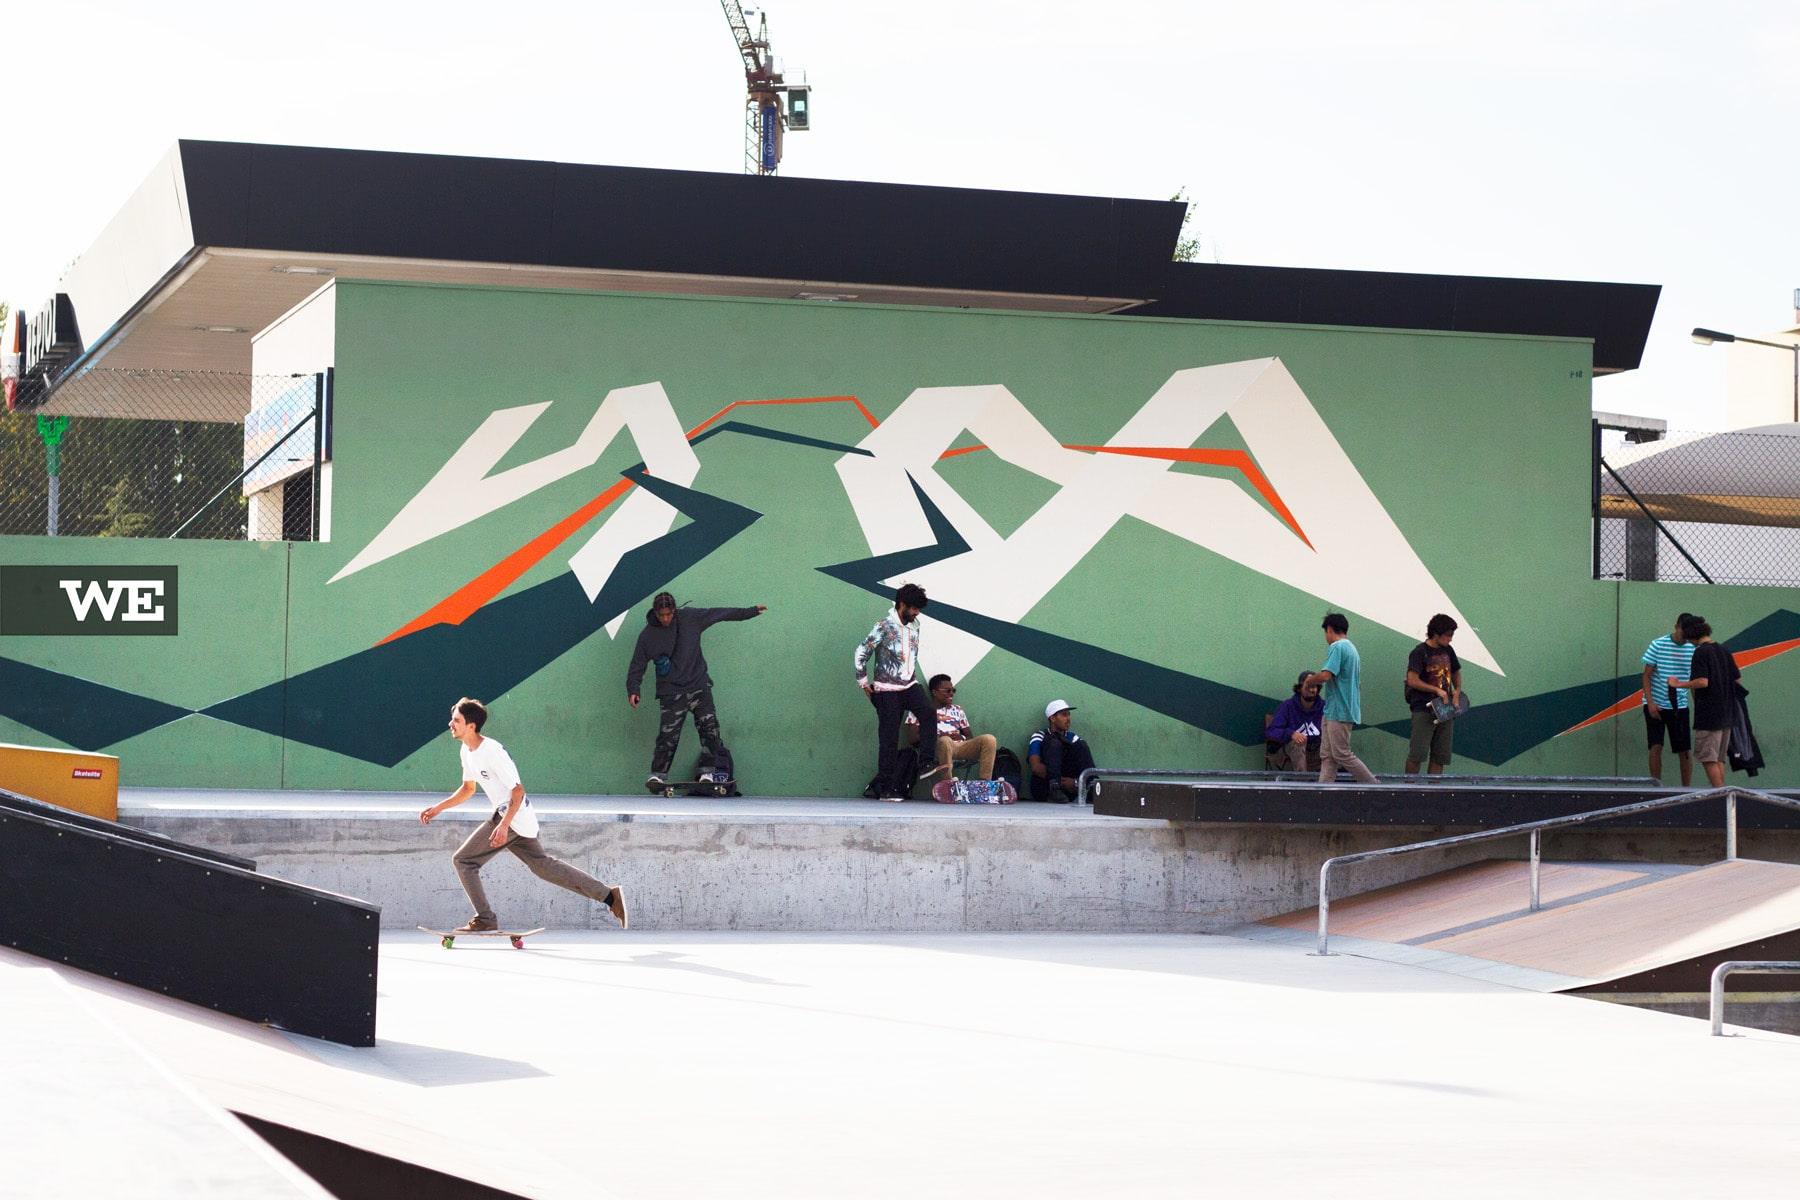 Skate Park Parque Desportivo Rodovia